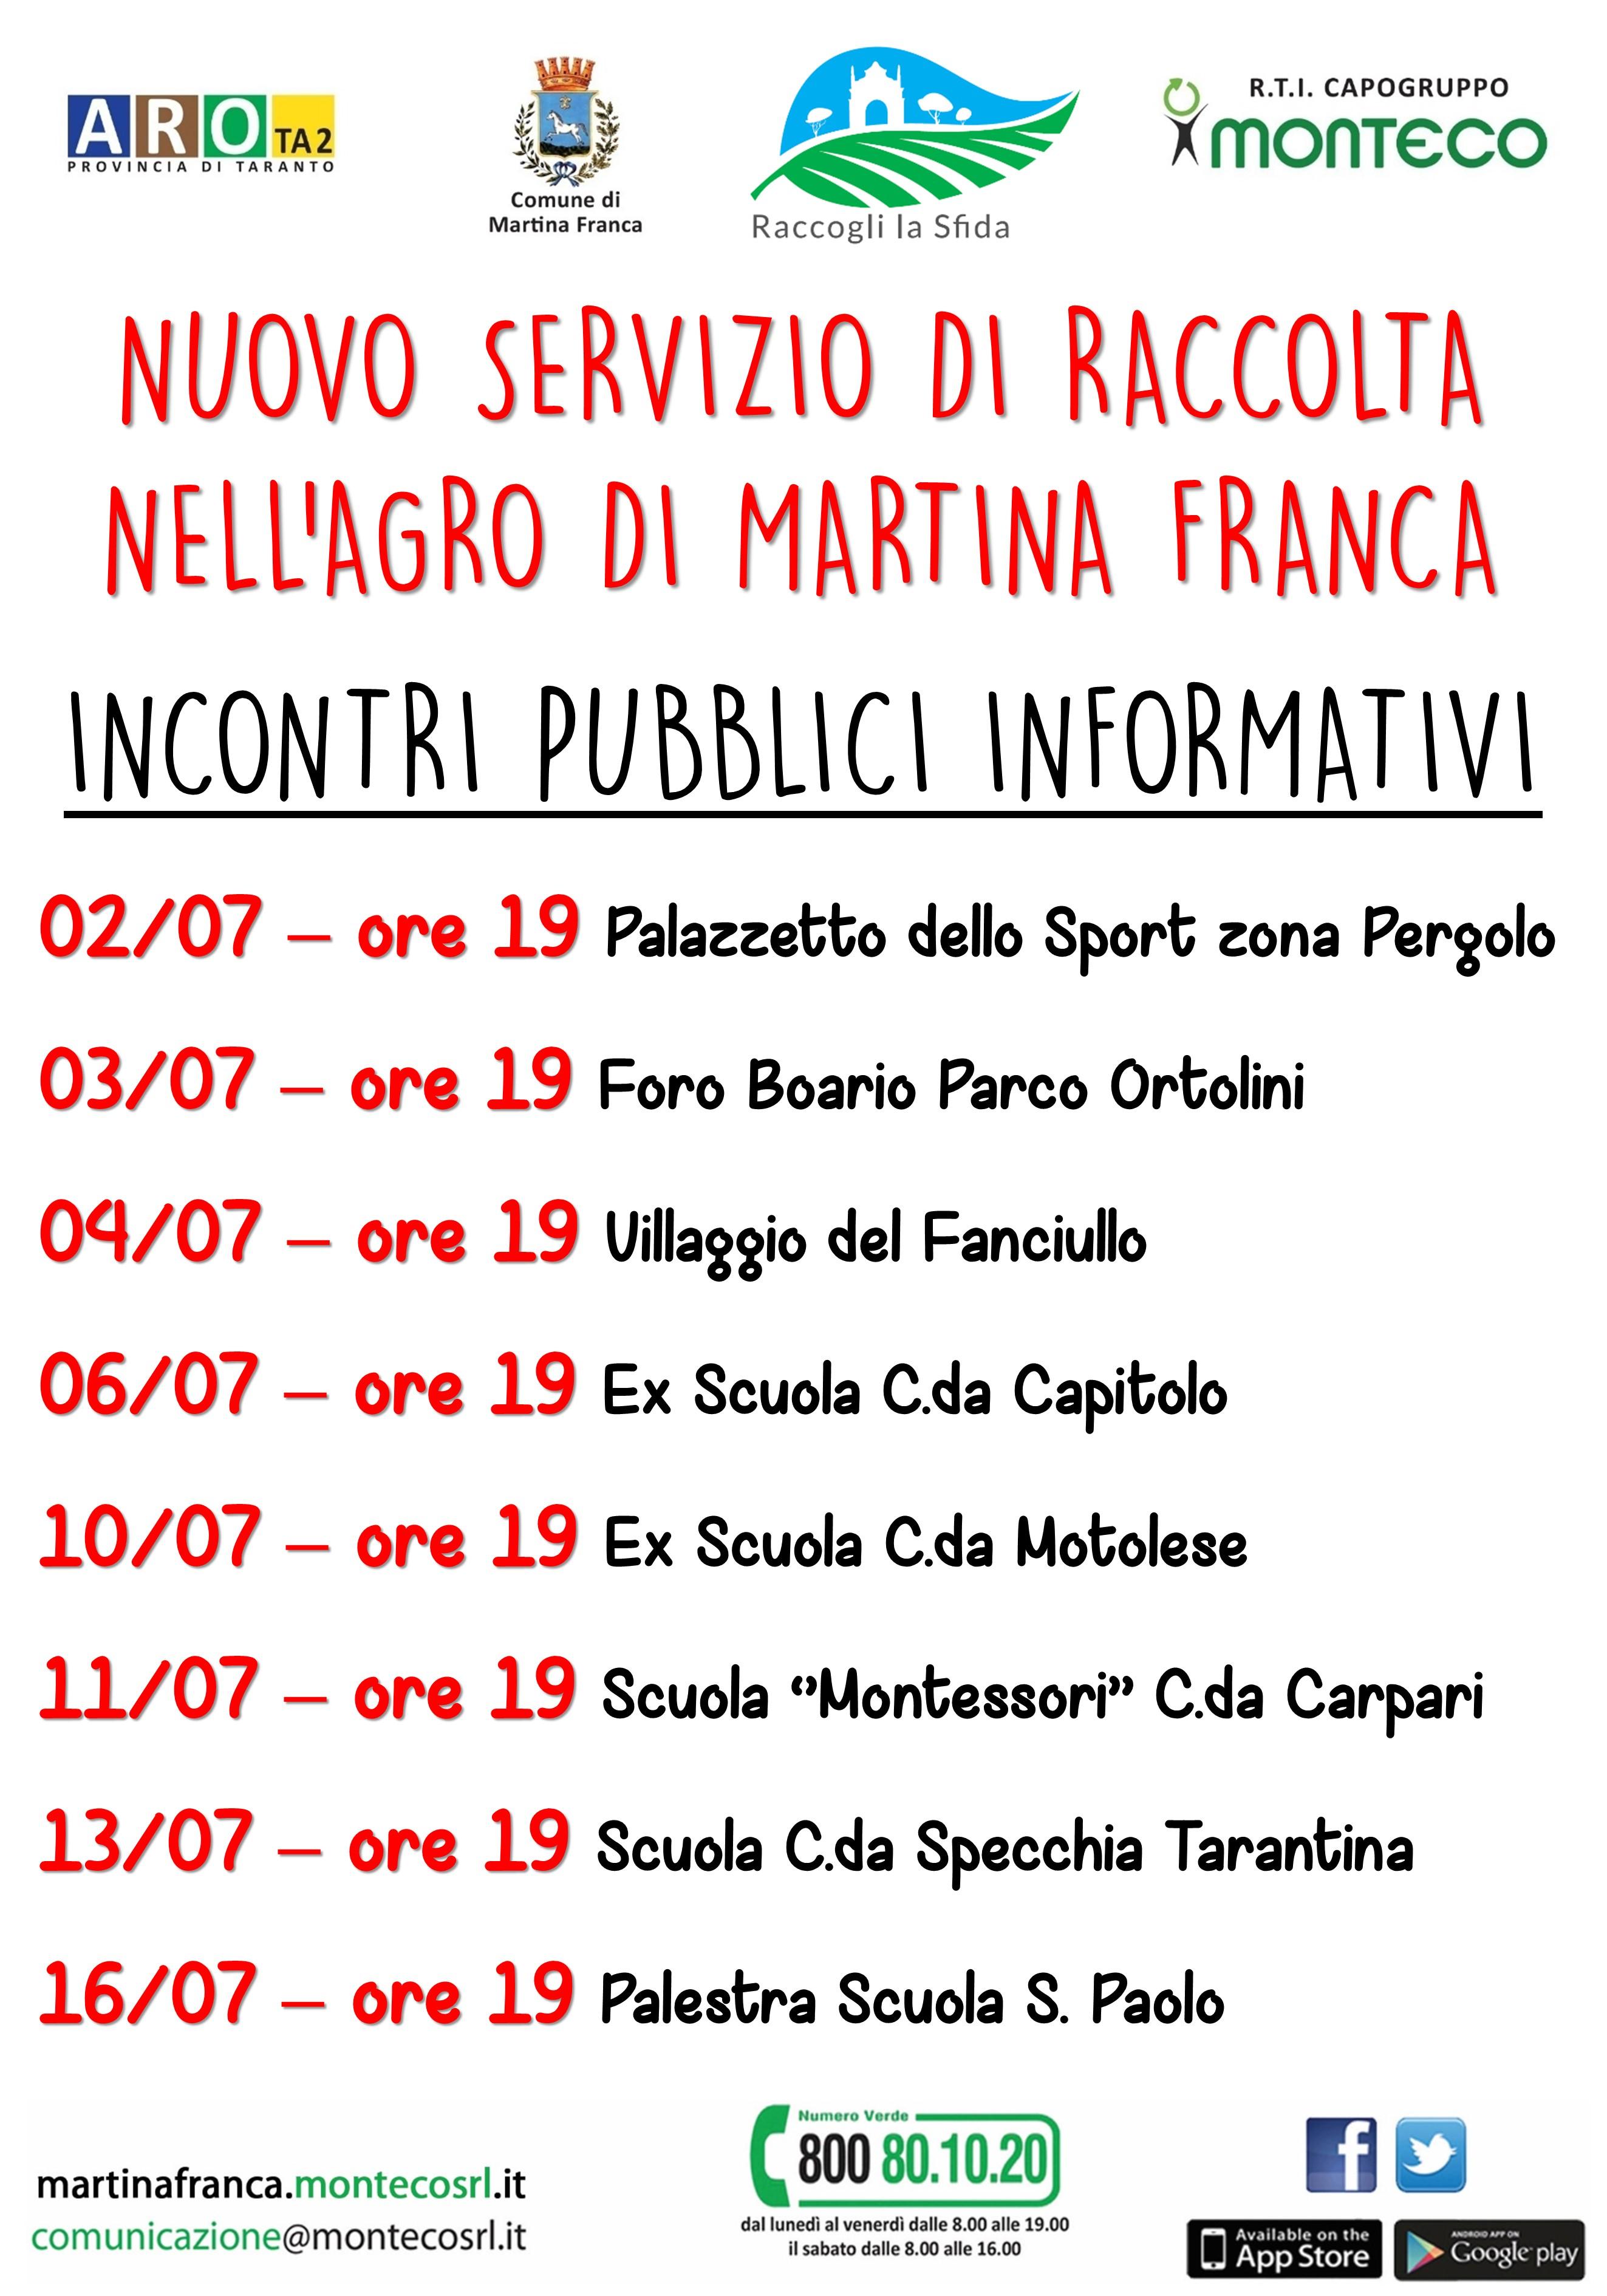 Martina Franca: nuovi incontri pubblici informativi nell'agro